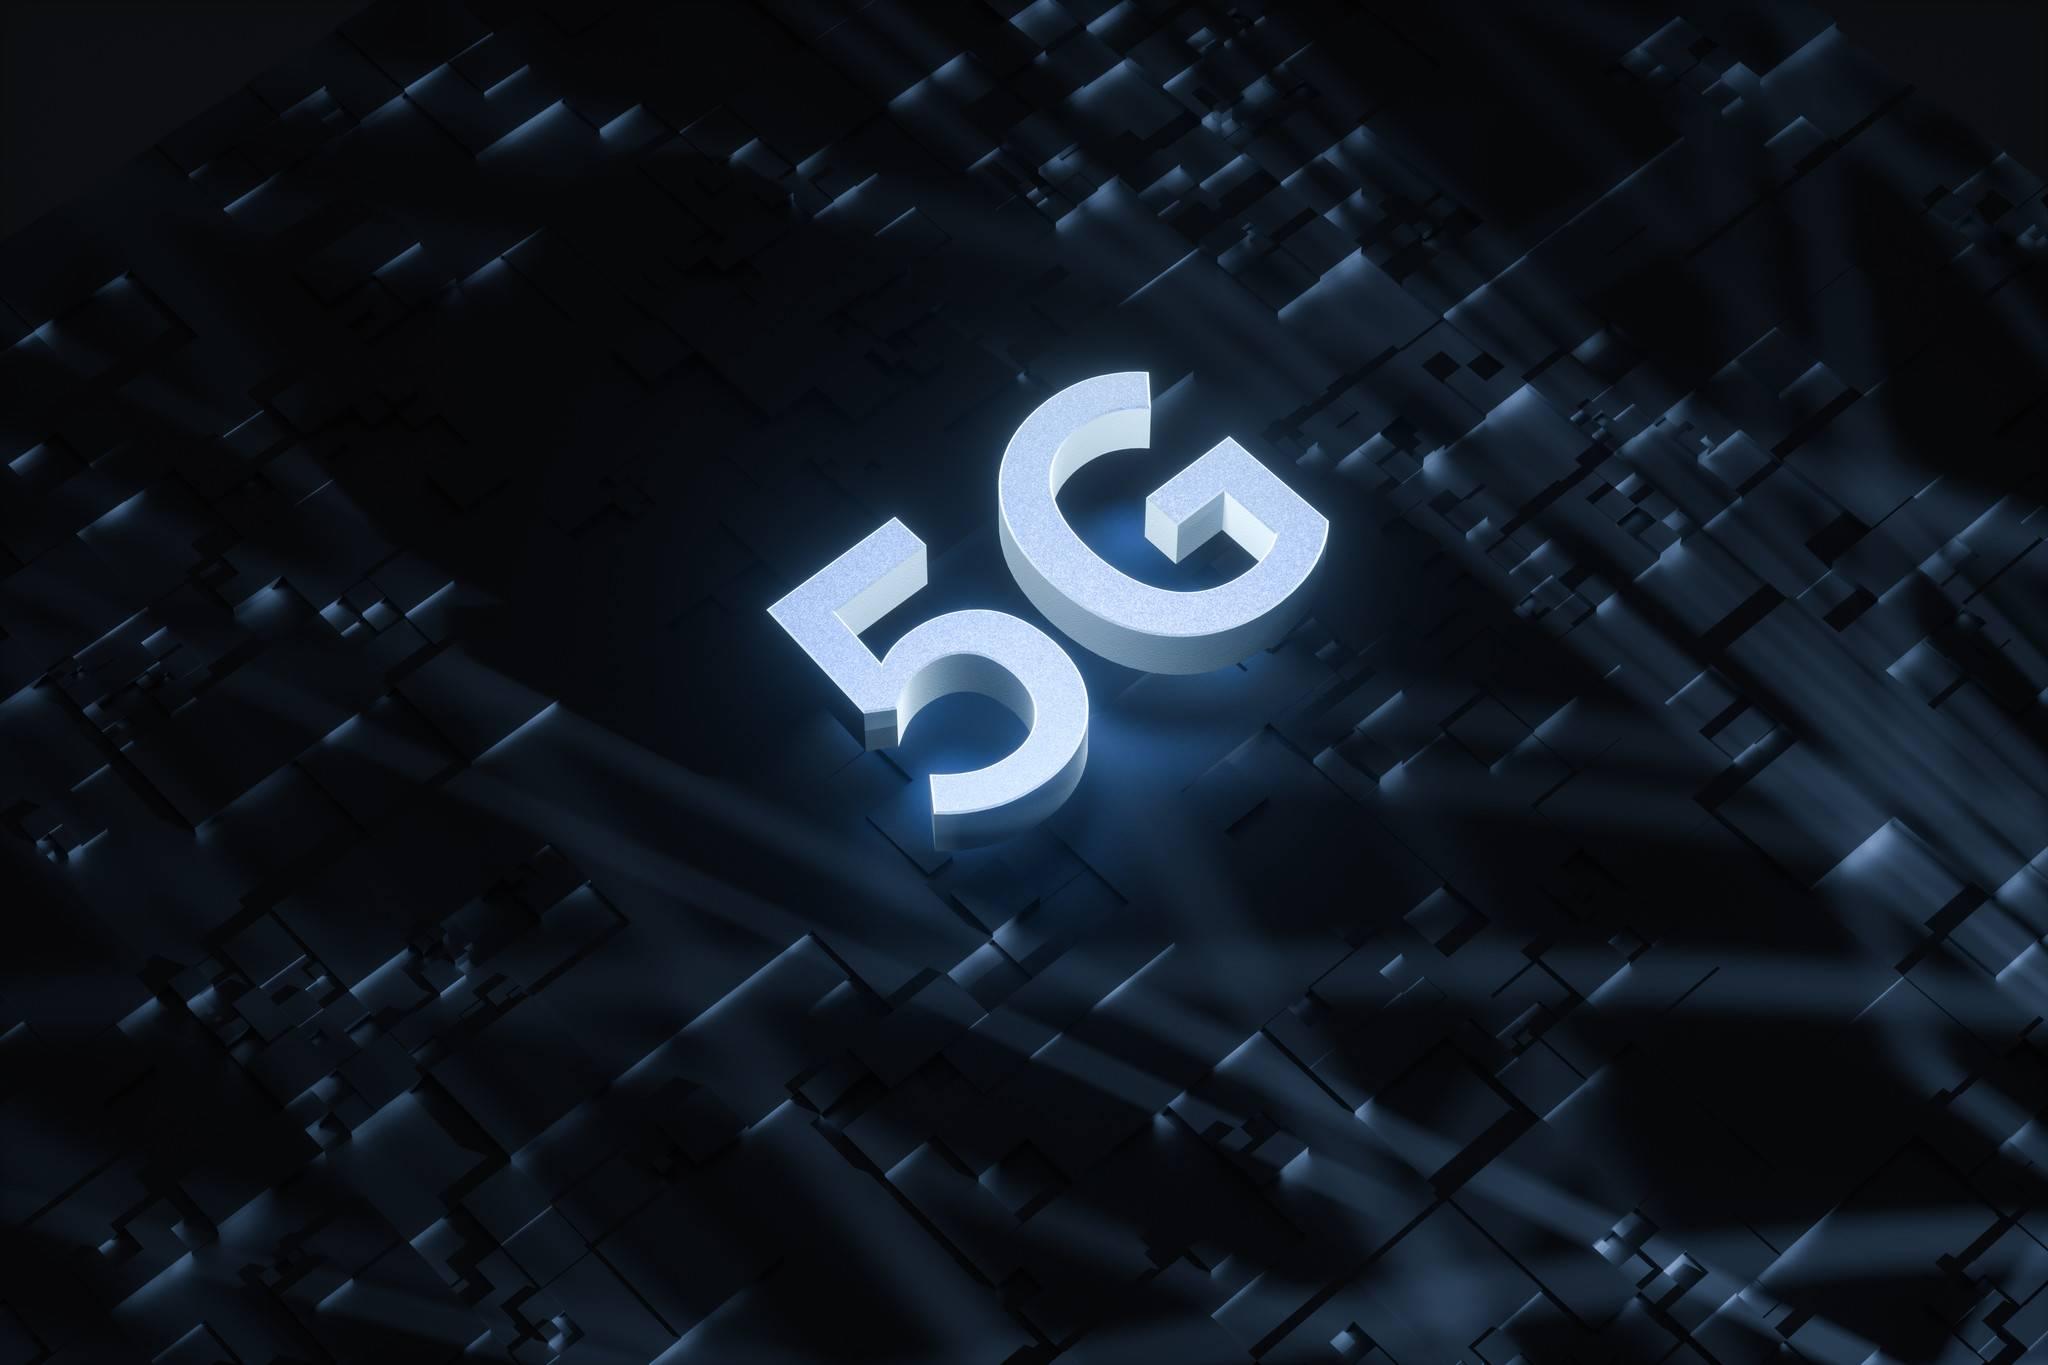 9月1日5G商用,你的4G变慢了吗?